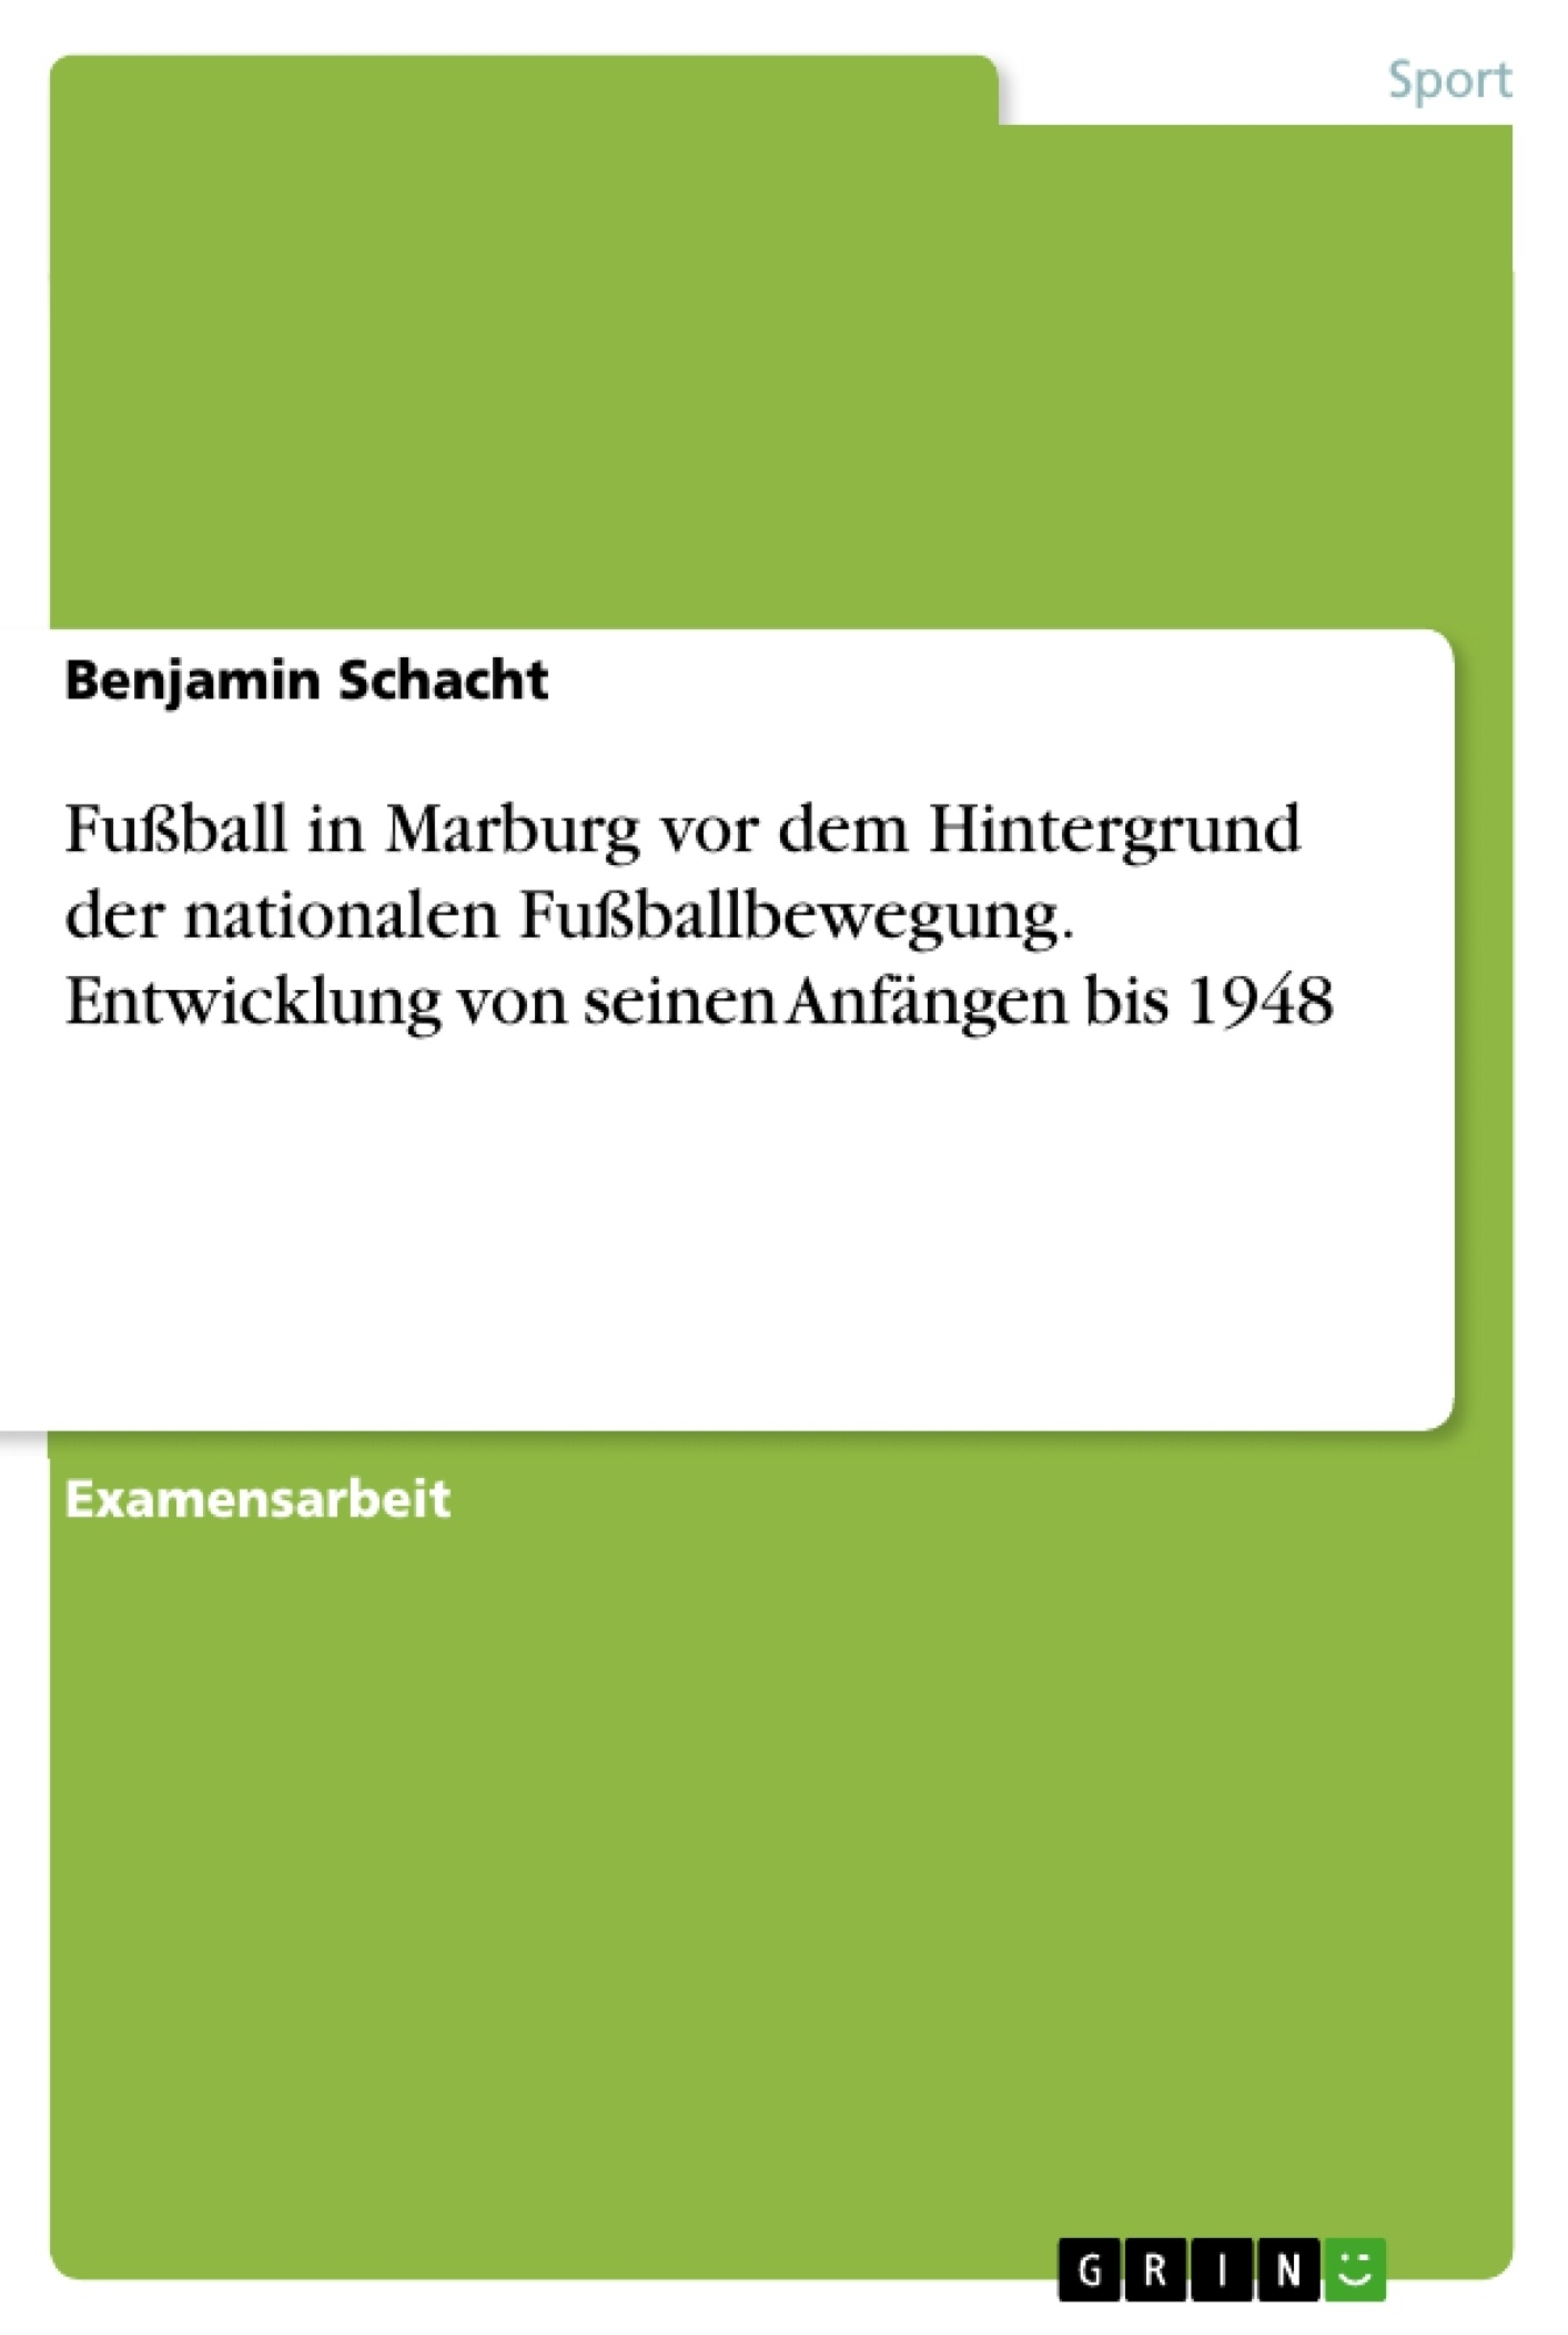 Titel: Fußball in Marburg vor dem Hintergrund der nationalen Fußballbewegung. Entwicklung von seinen Anfängen bis 1948